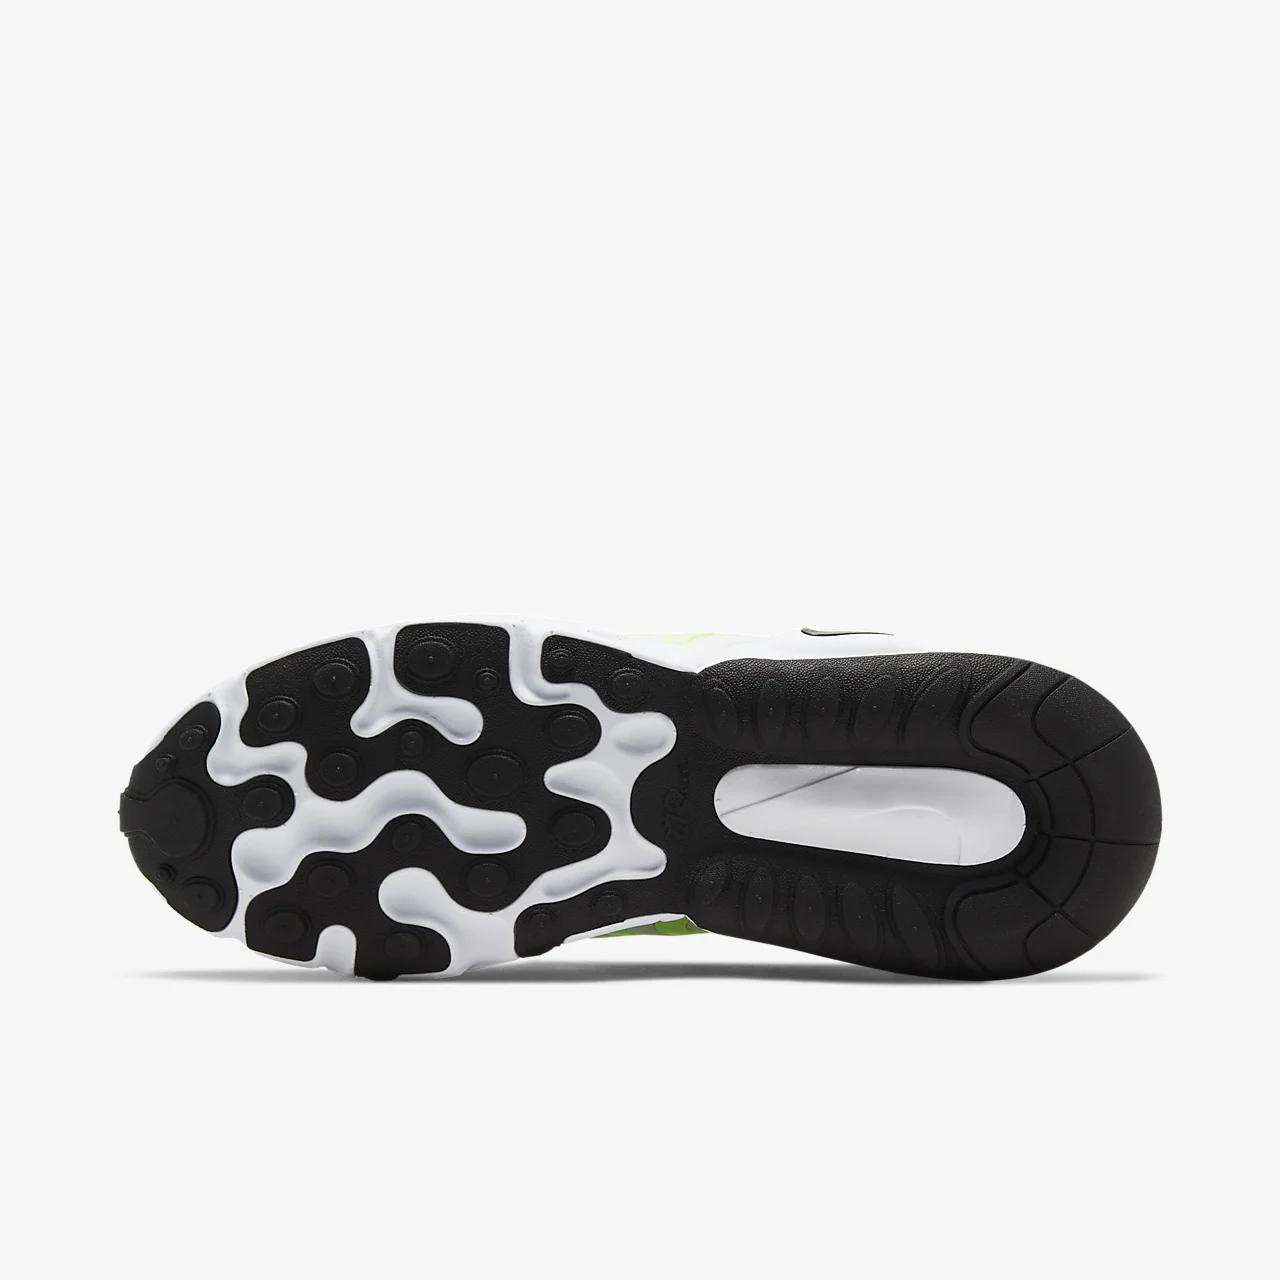 나이키 에어 맥스 270 리액트 ENG 여성 신발 CK2608-100